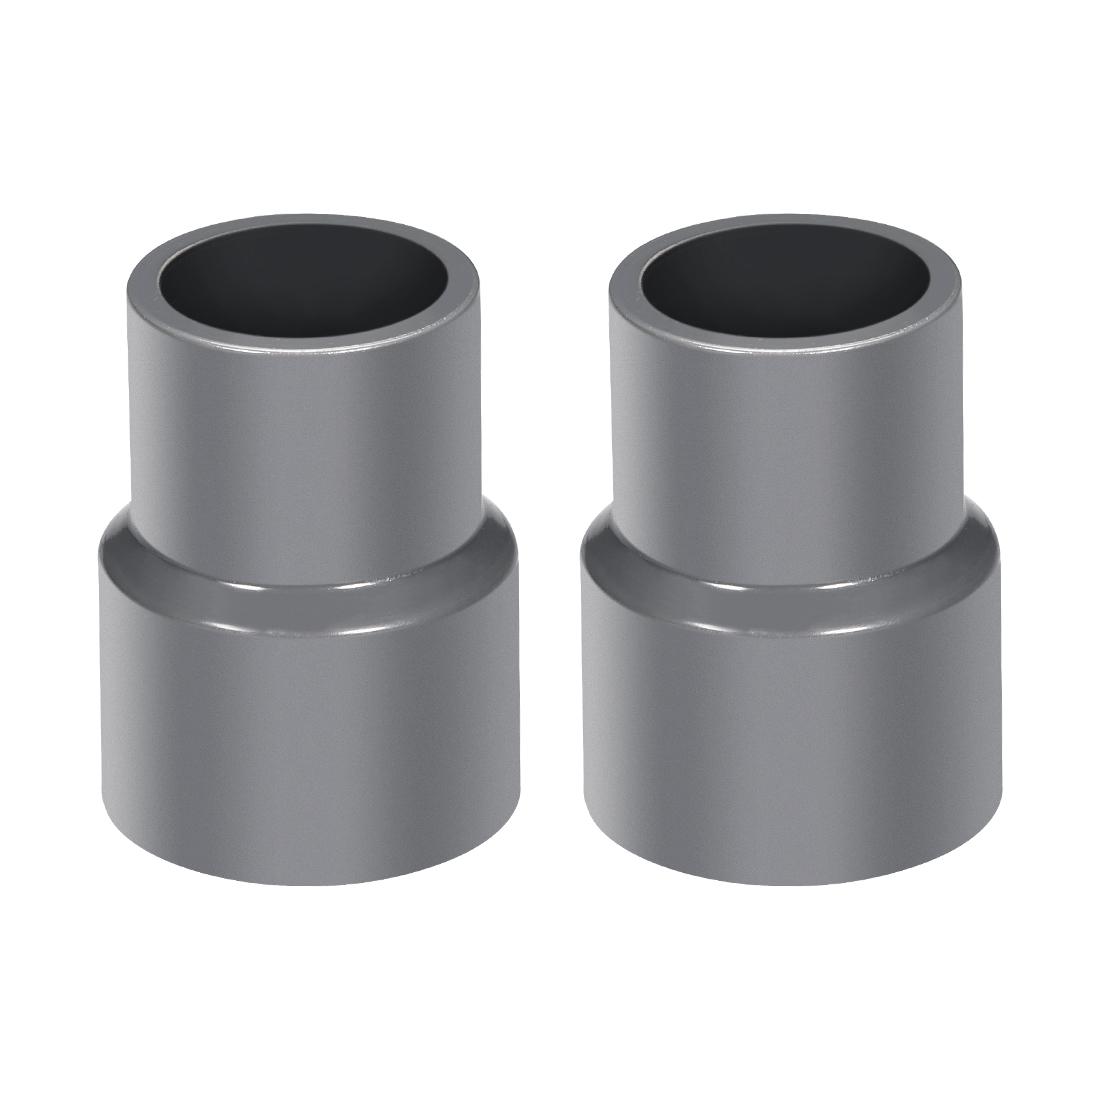 25mm x 20mm PVC Reducing Coupling Hub by Hub, DWV Pipe Fitting, Gray 2Pcs